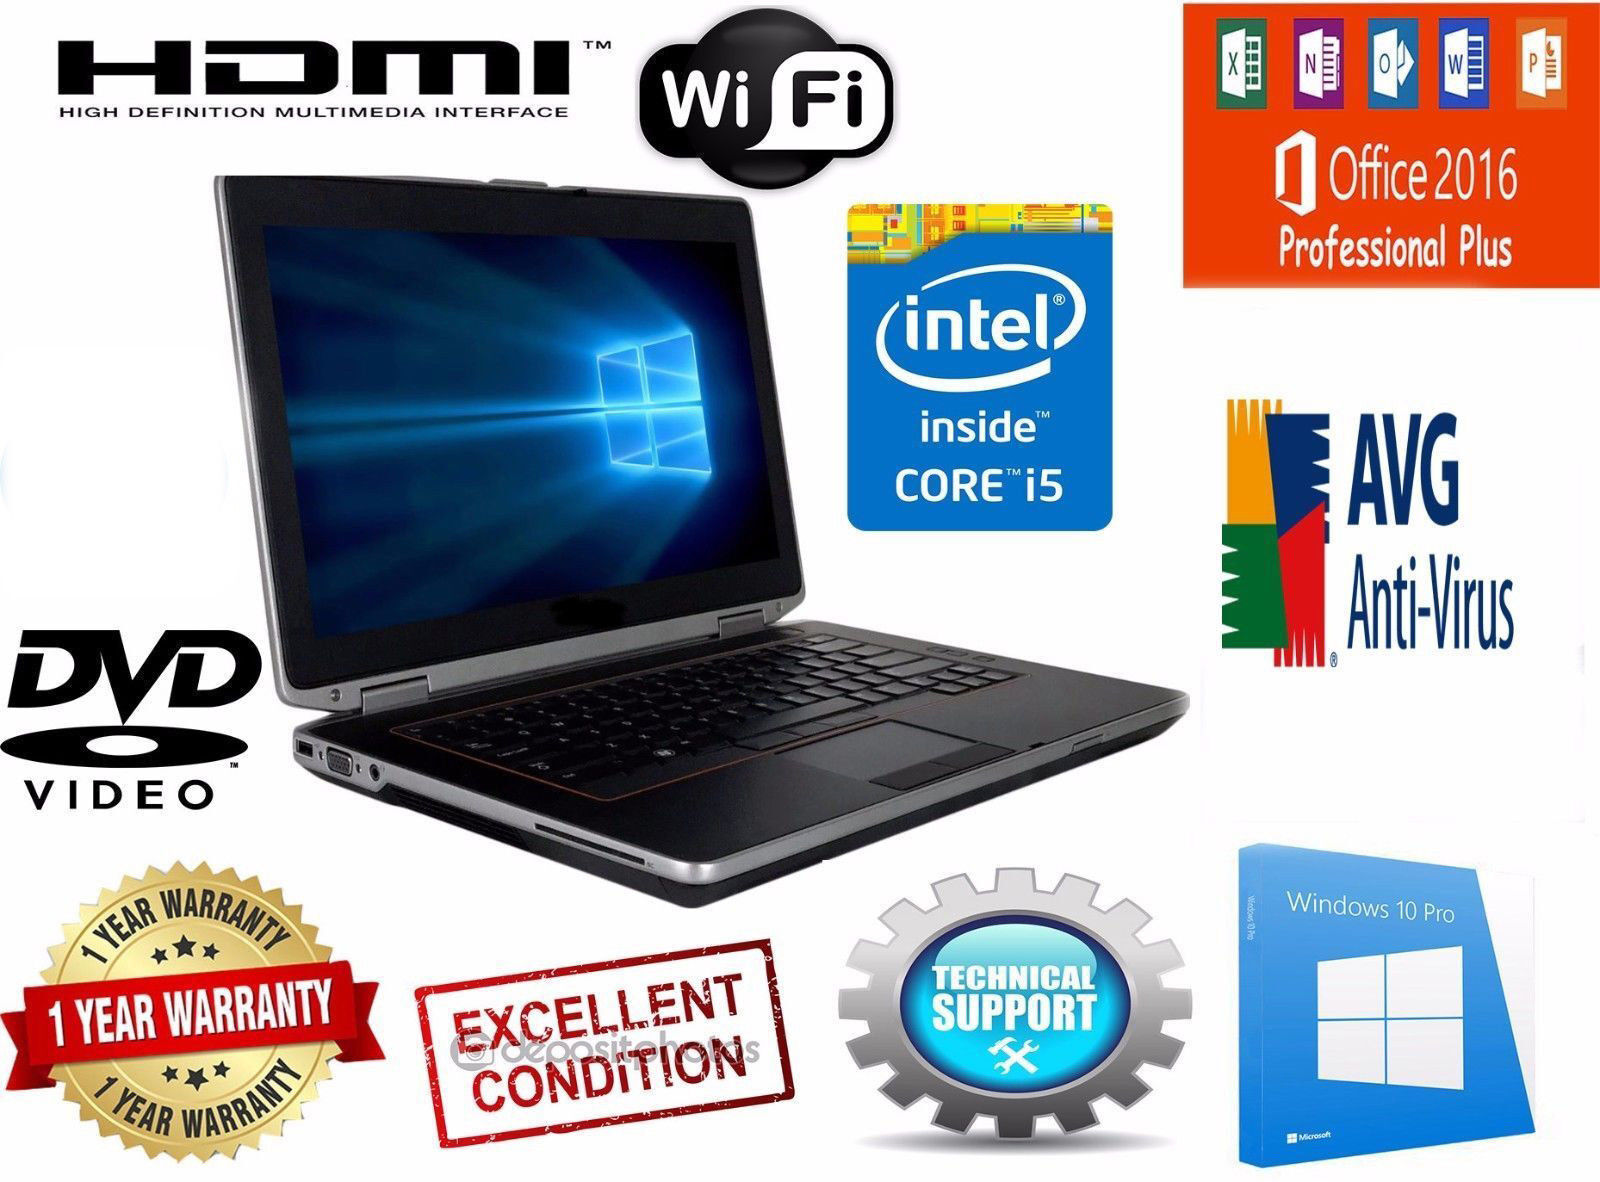 DELL LATITUDE Laptop Computer PC CORE I5 Windows PRO 500GB WiFi DVD NOTEBOOK HD